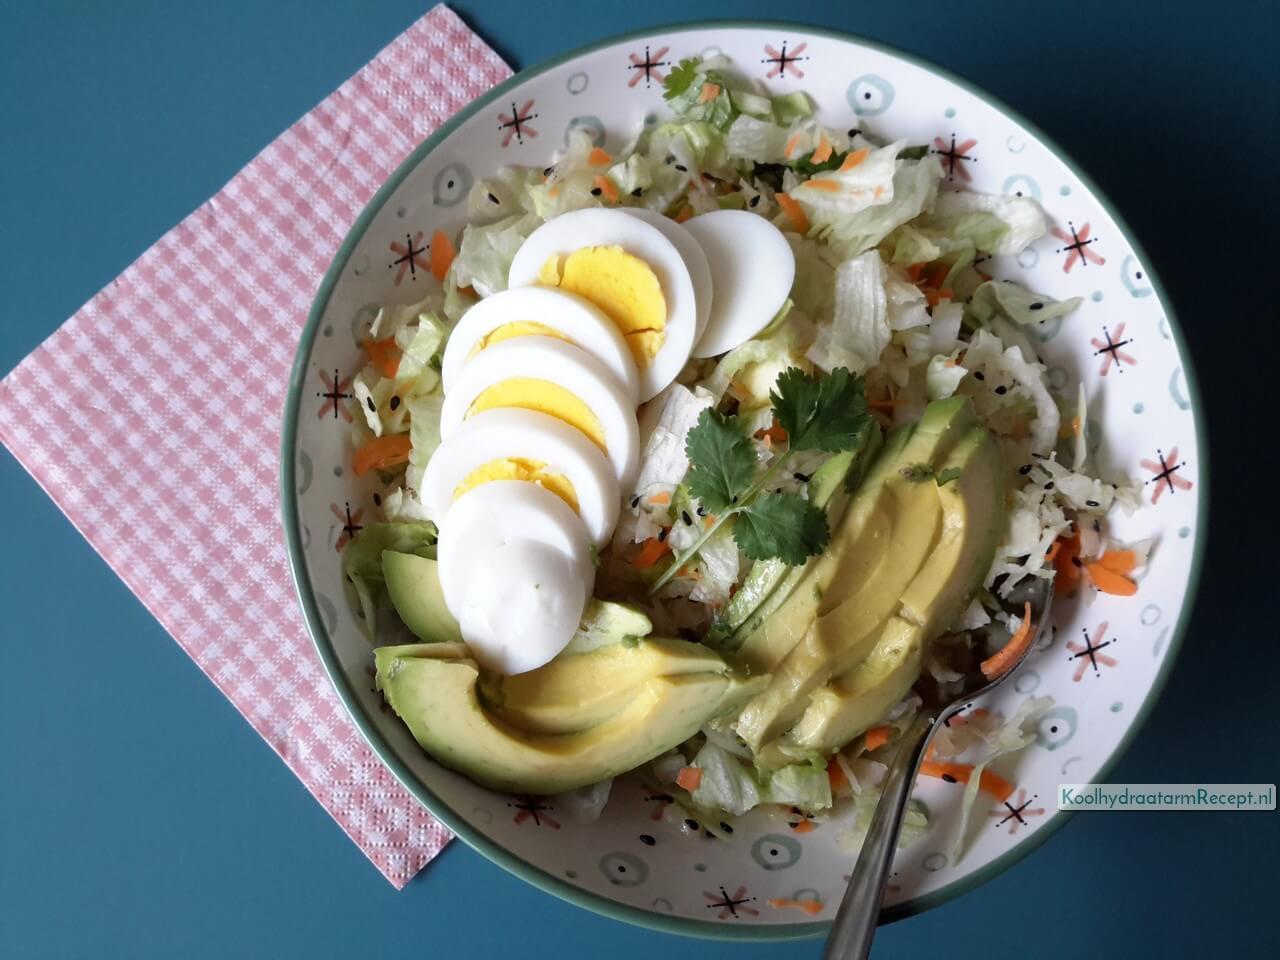 Eet zuurkoolsalade!